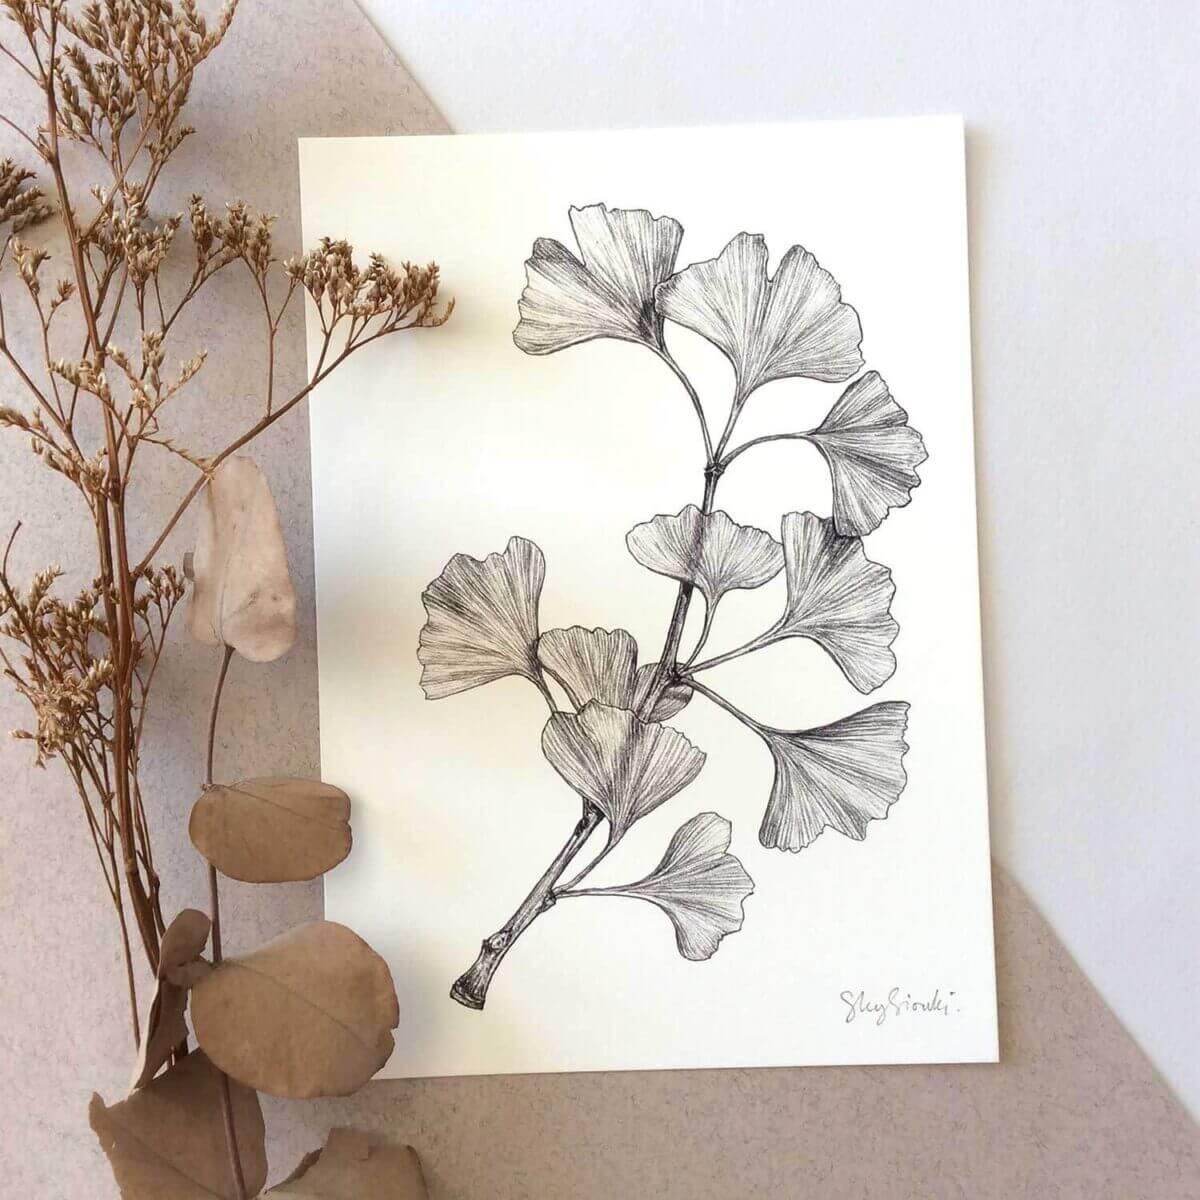 Gingko-Art-Print-Sky-Siouki